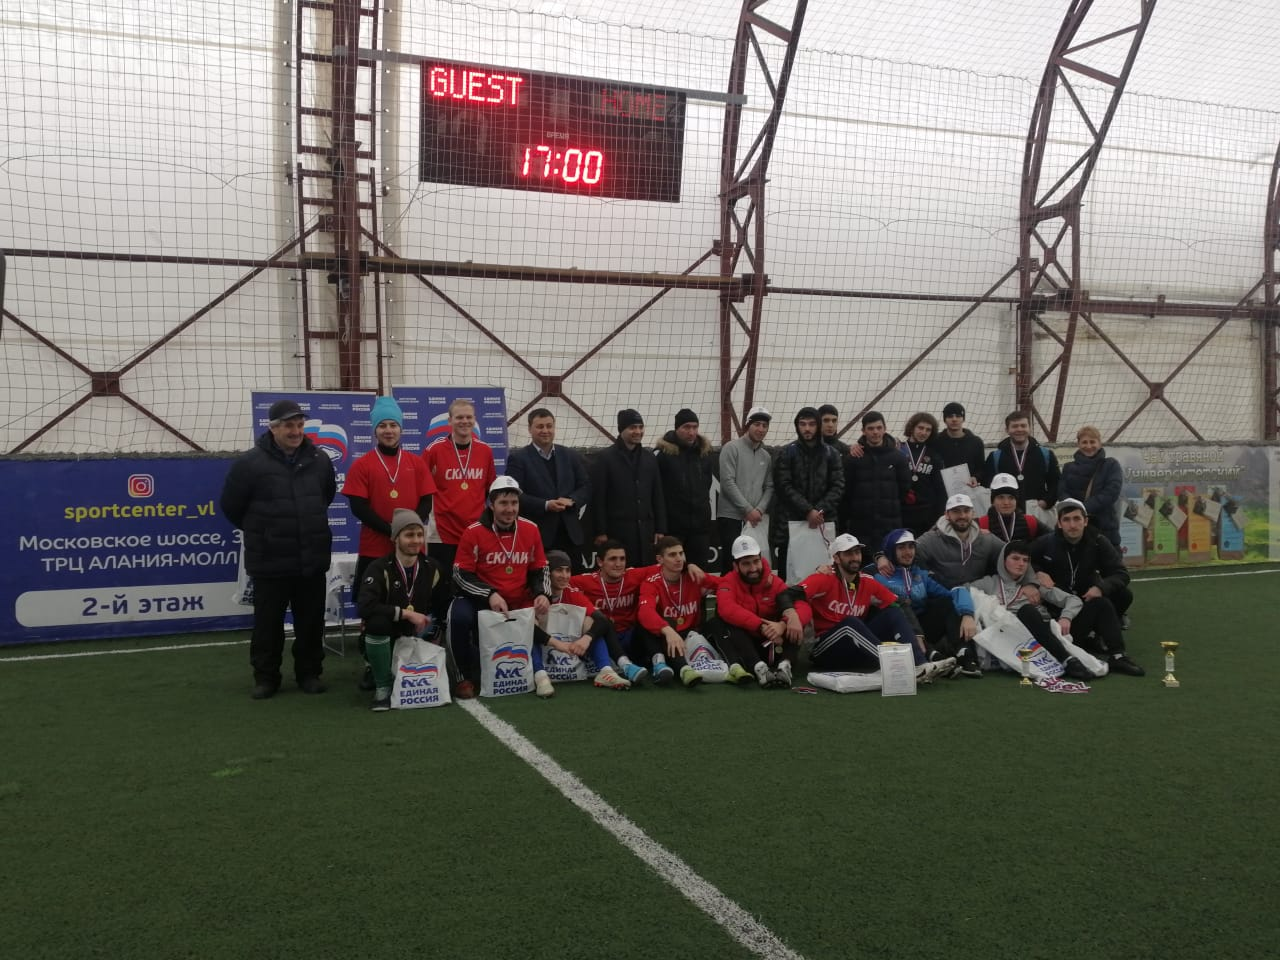 В преддверии Татьяниного дня студенты республики приняли участие в турнире по мини-футболу